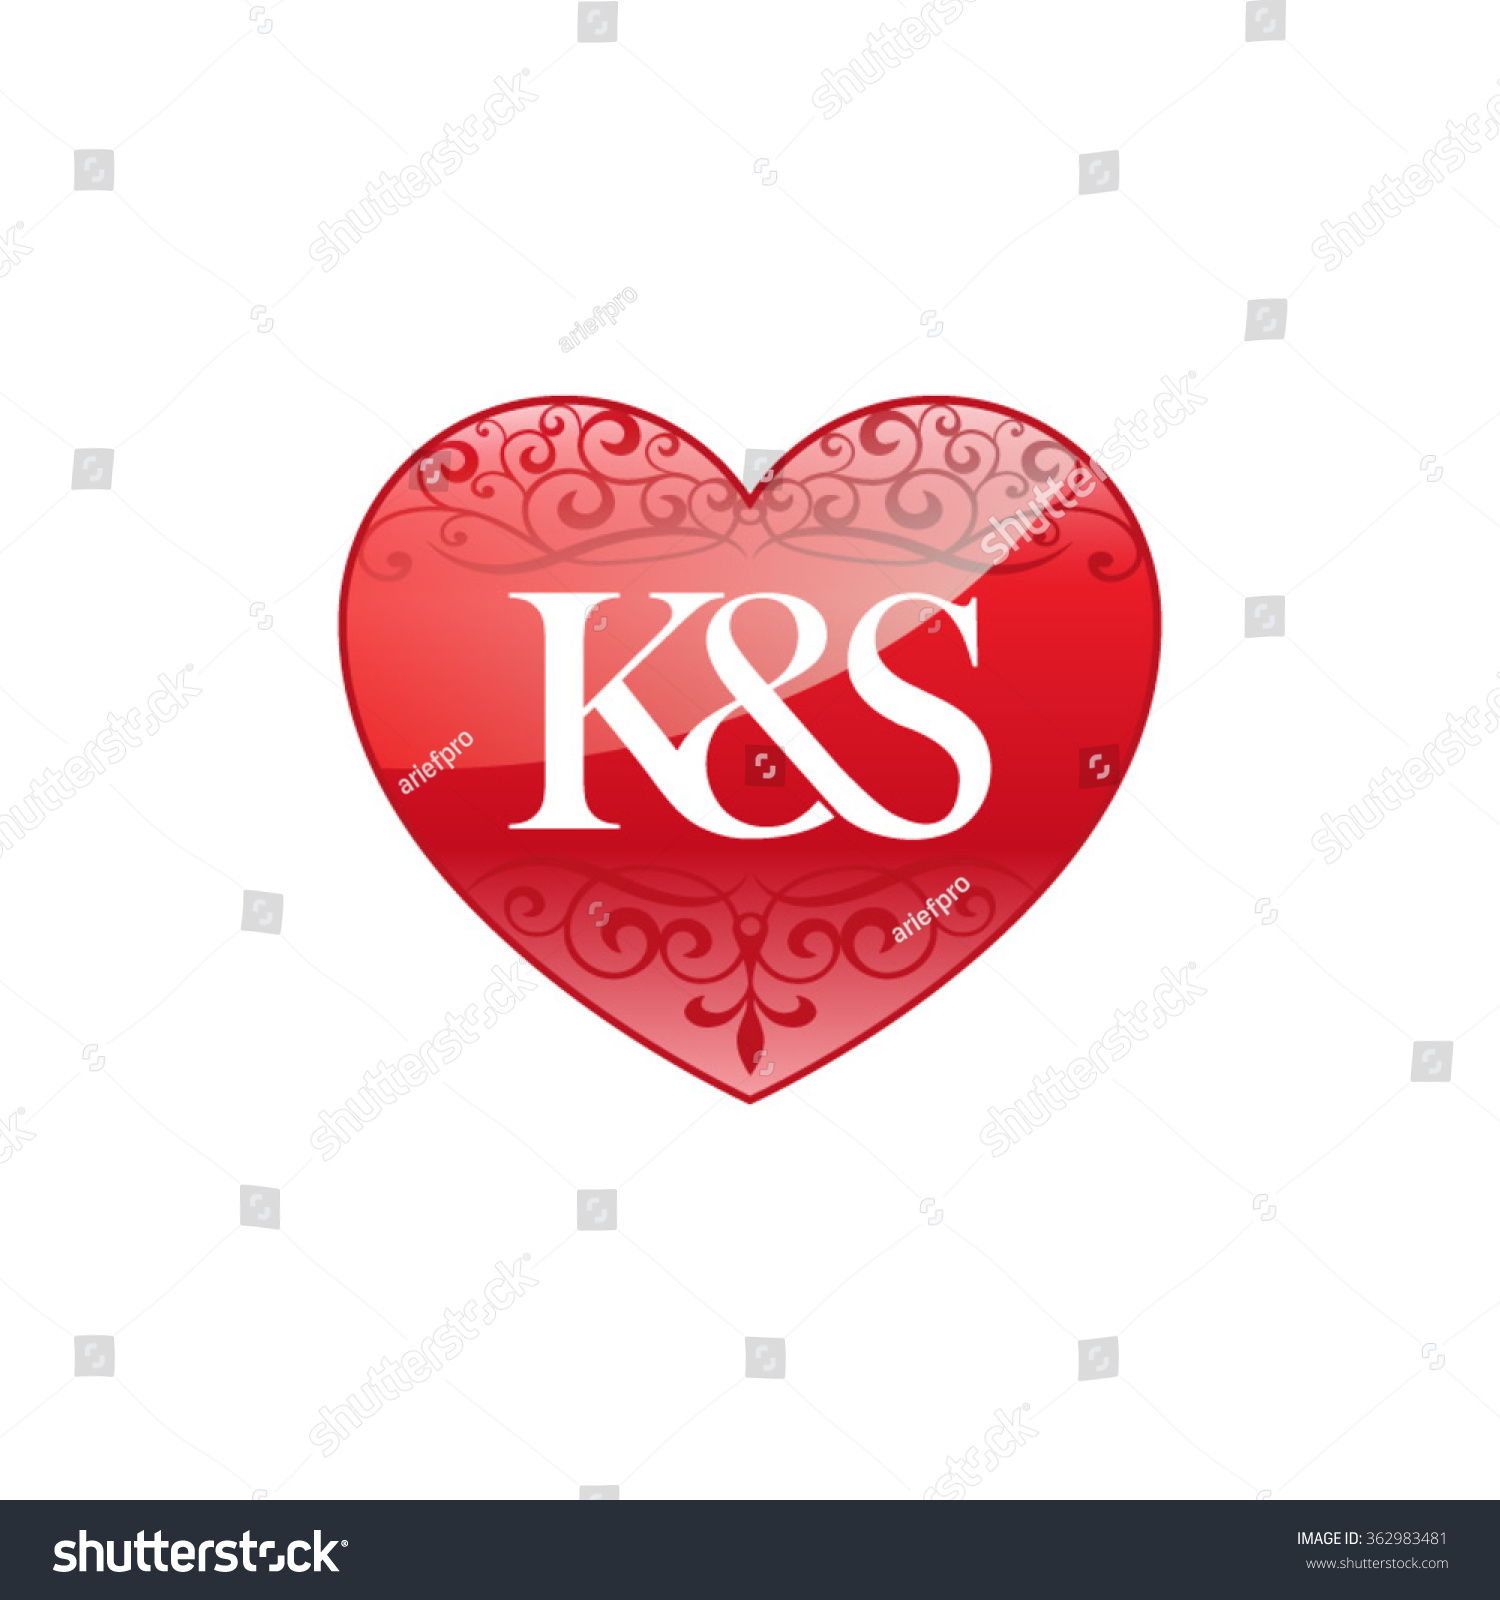 Ks Initial Letter Couple Logo Ornament Stock Vector 362983481 ...